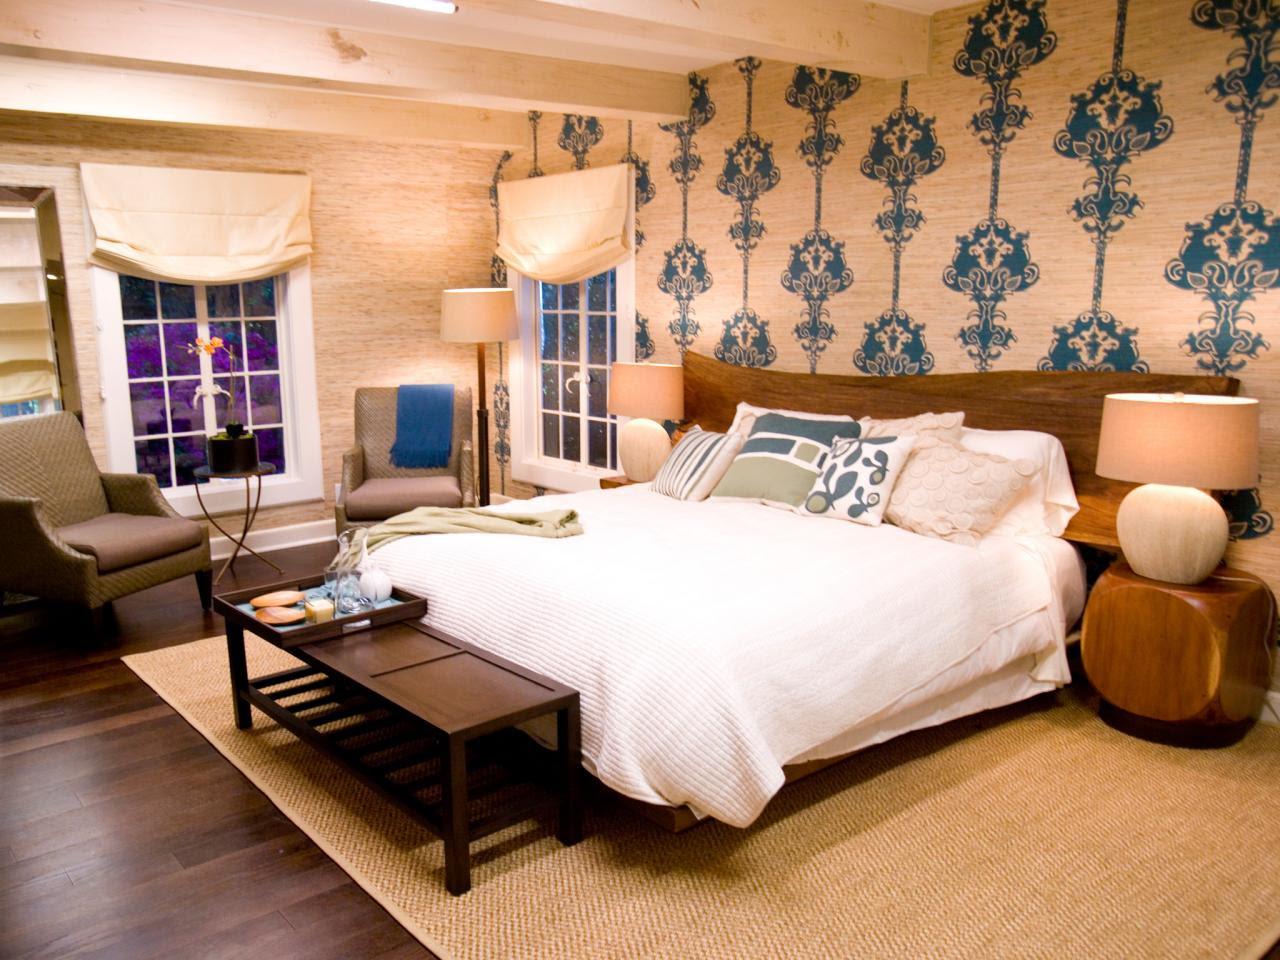 Best Bedroom Flooring: Pictures